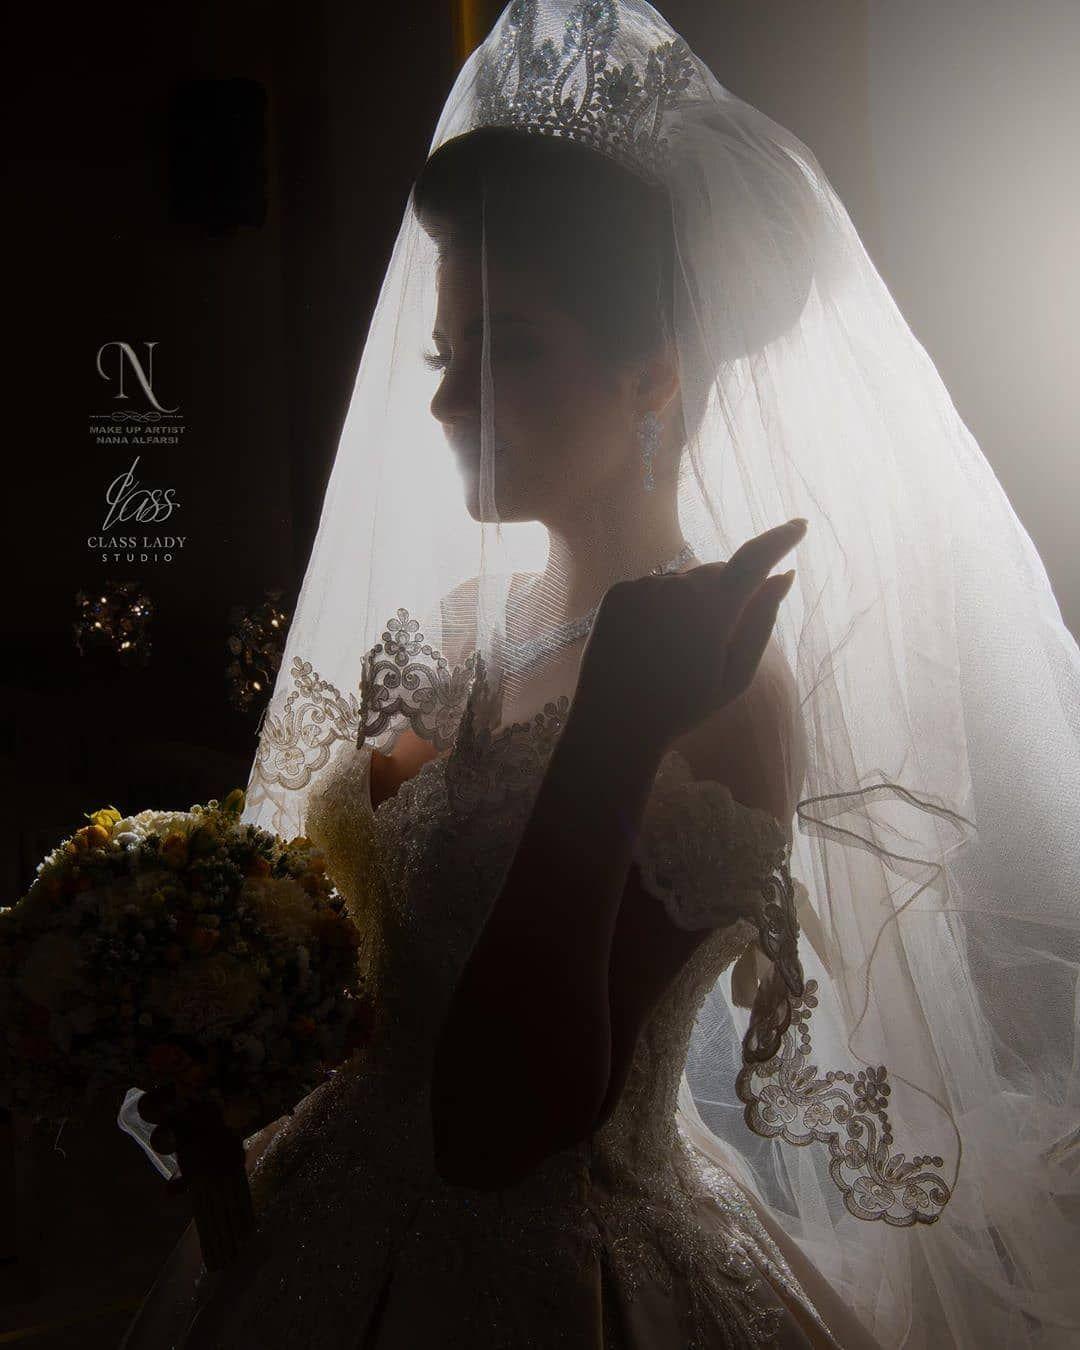 استديو راقي للتصوير النسائي لتوثيق افراحكم تصوير دقيق جدا وكمرات الاحدث في عالم التصوير Classlady 1 Clas Arab Wedding February Wedding Wedding